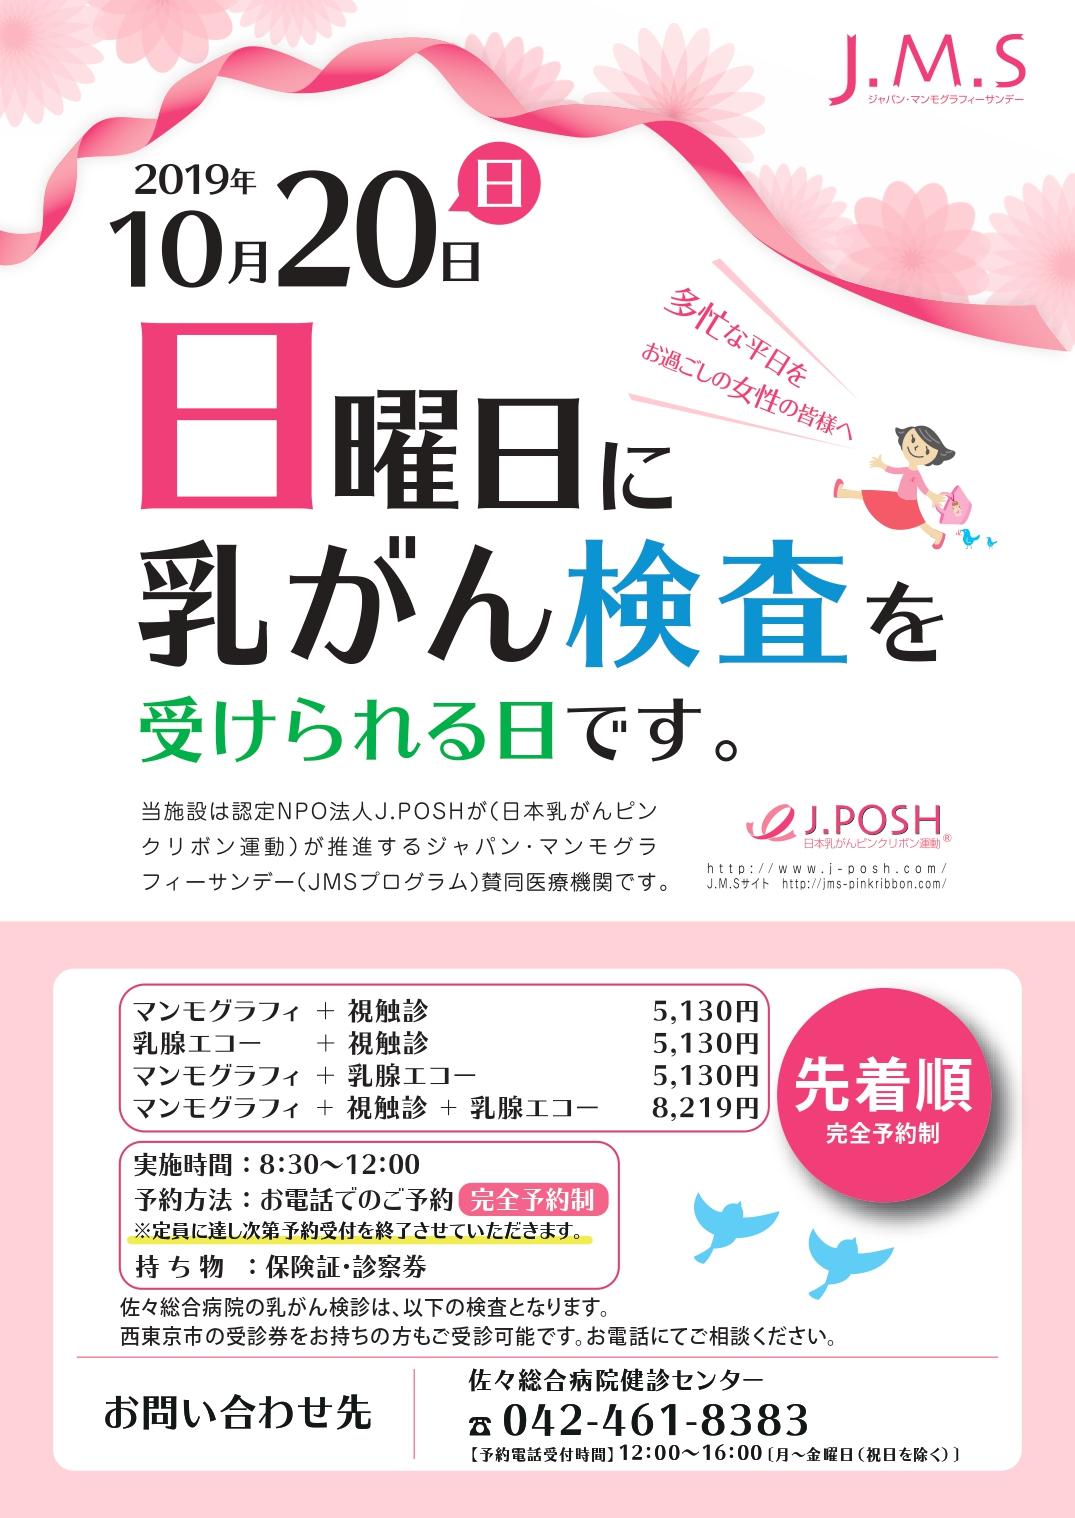 10月20日(日)日曜日に乳がん検査が受けられます。